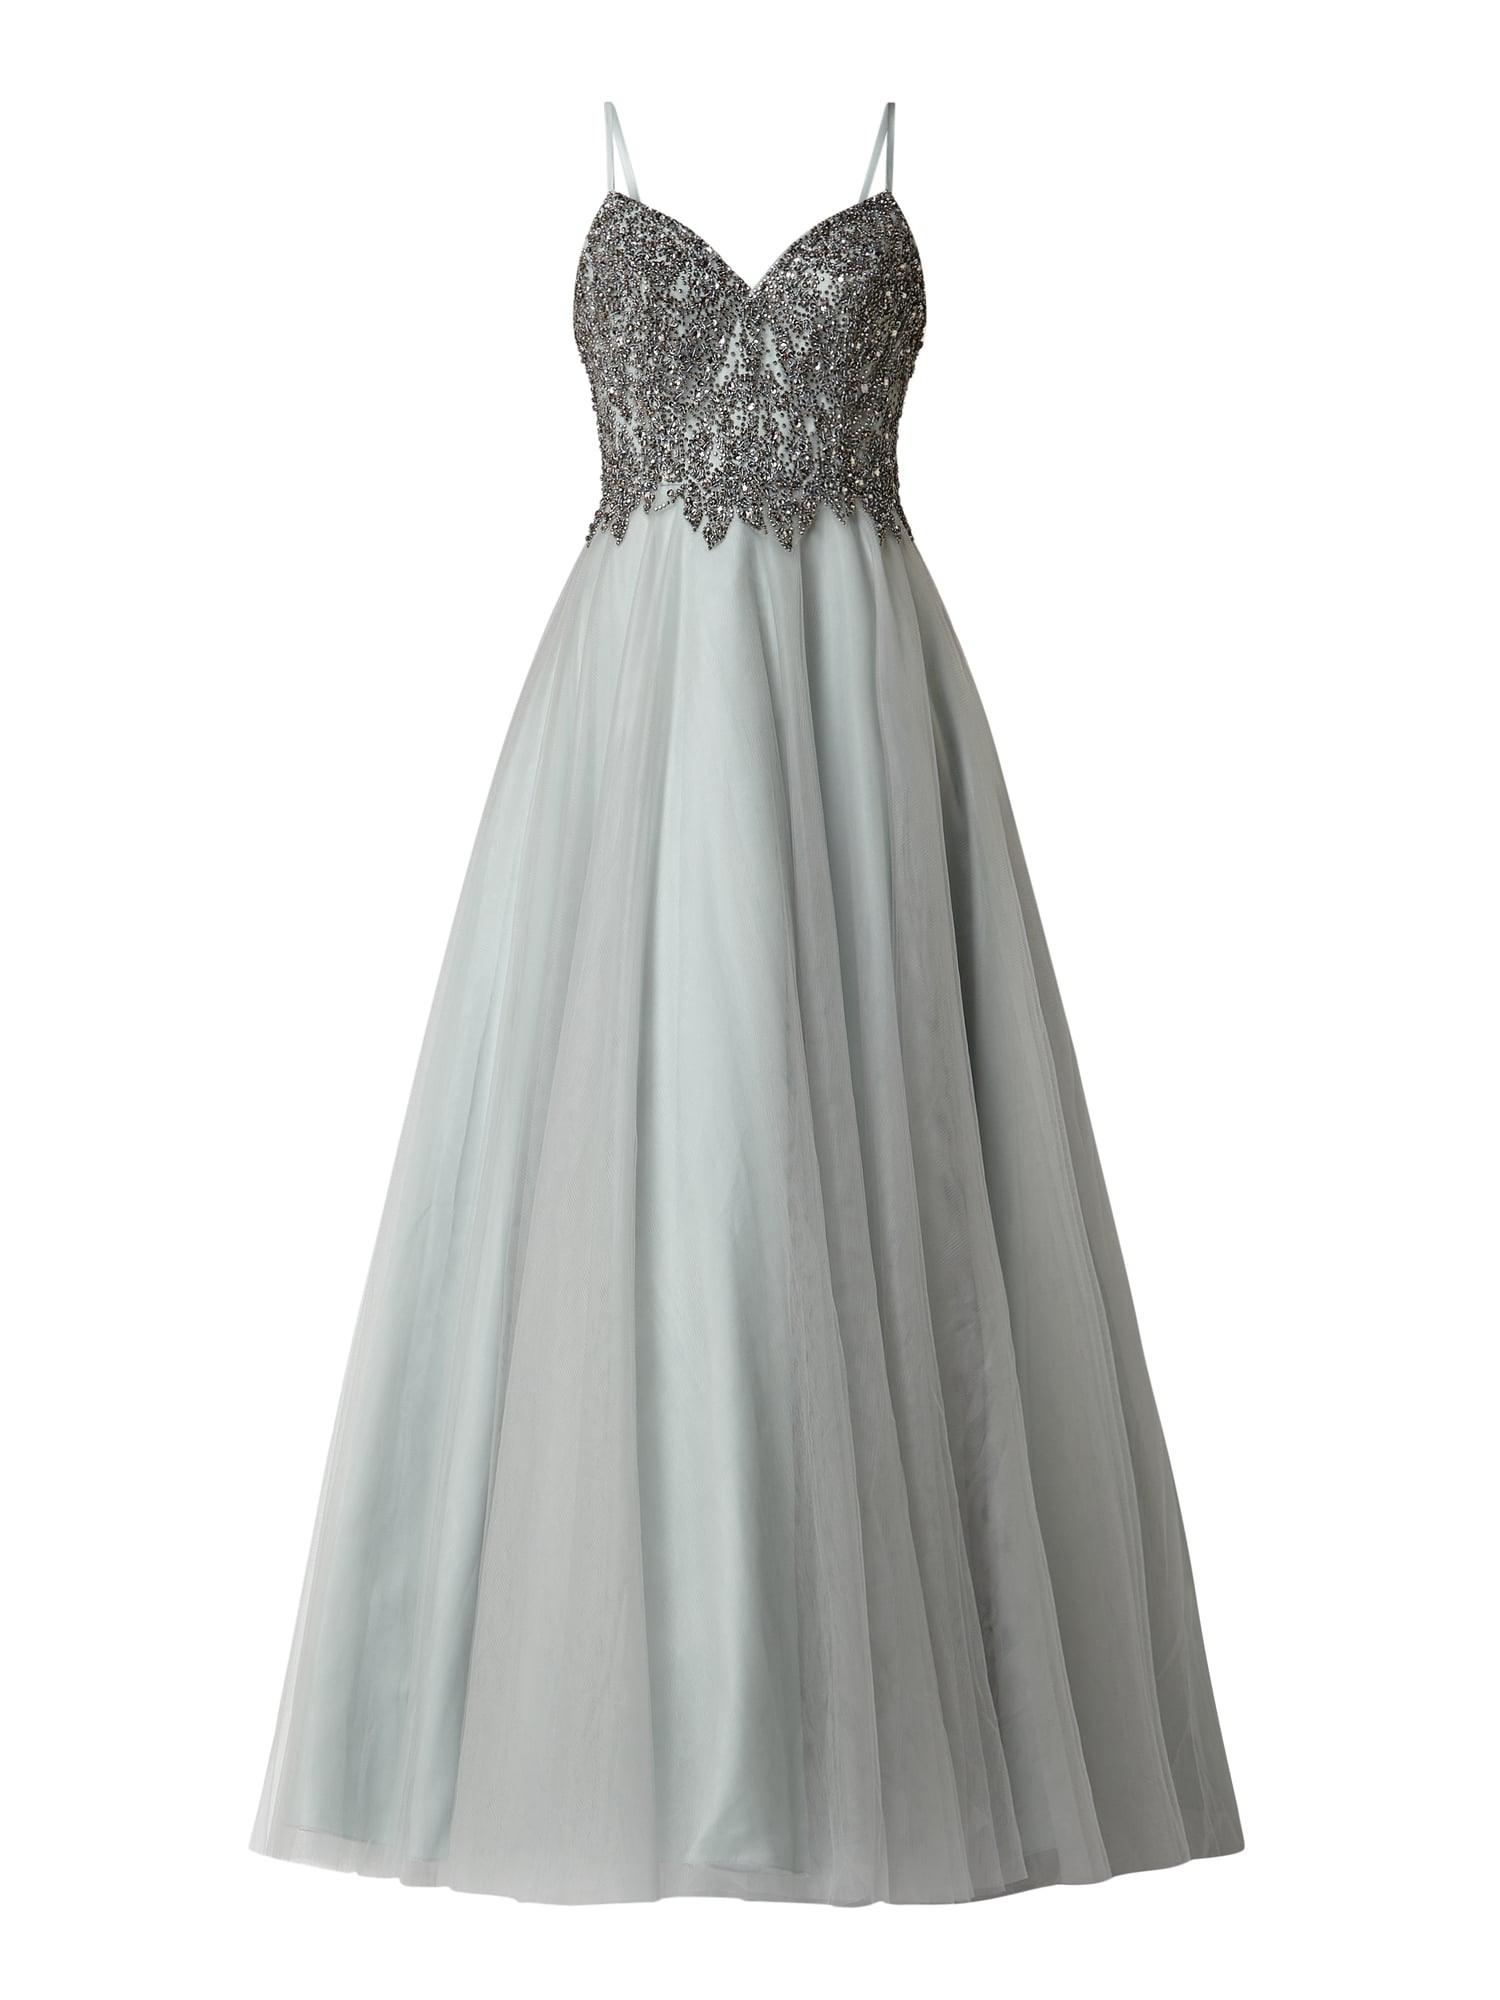 13 Schön Abendkleid für 2019Abend Schön Abendkleid Boutique